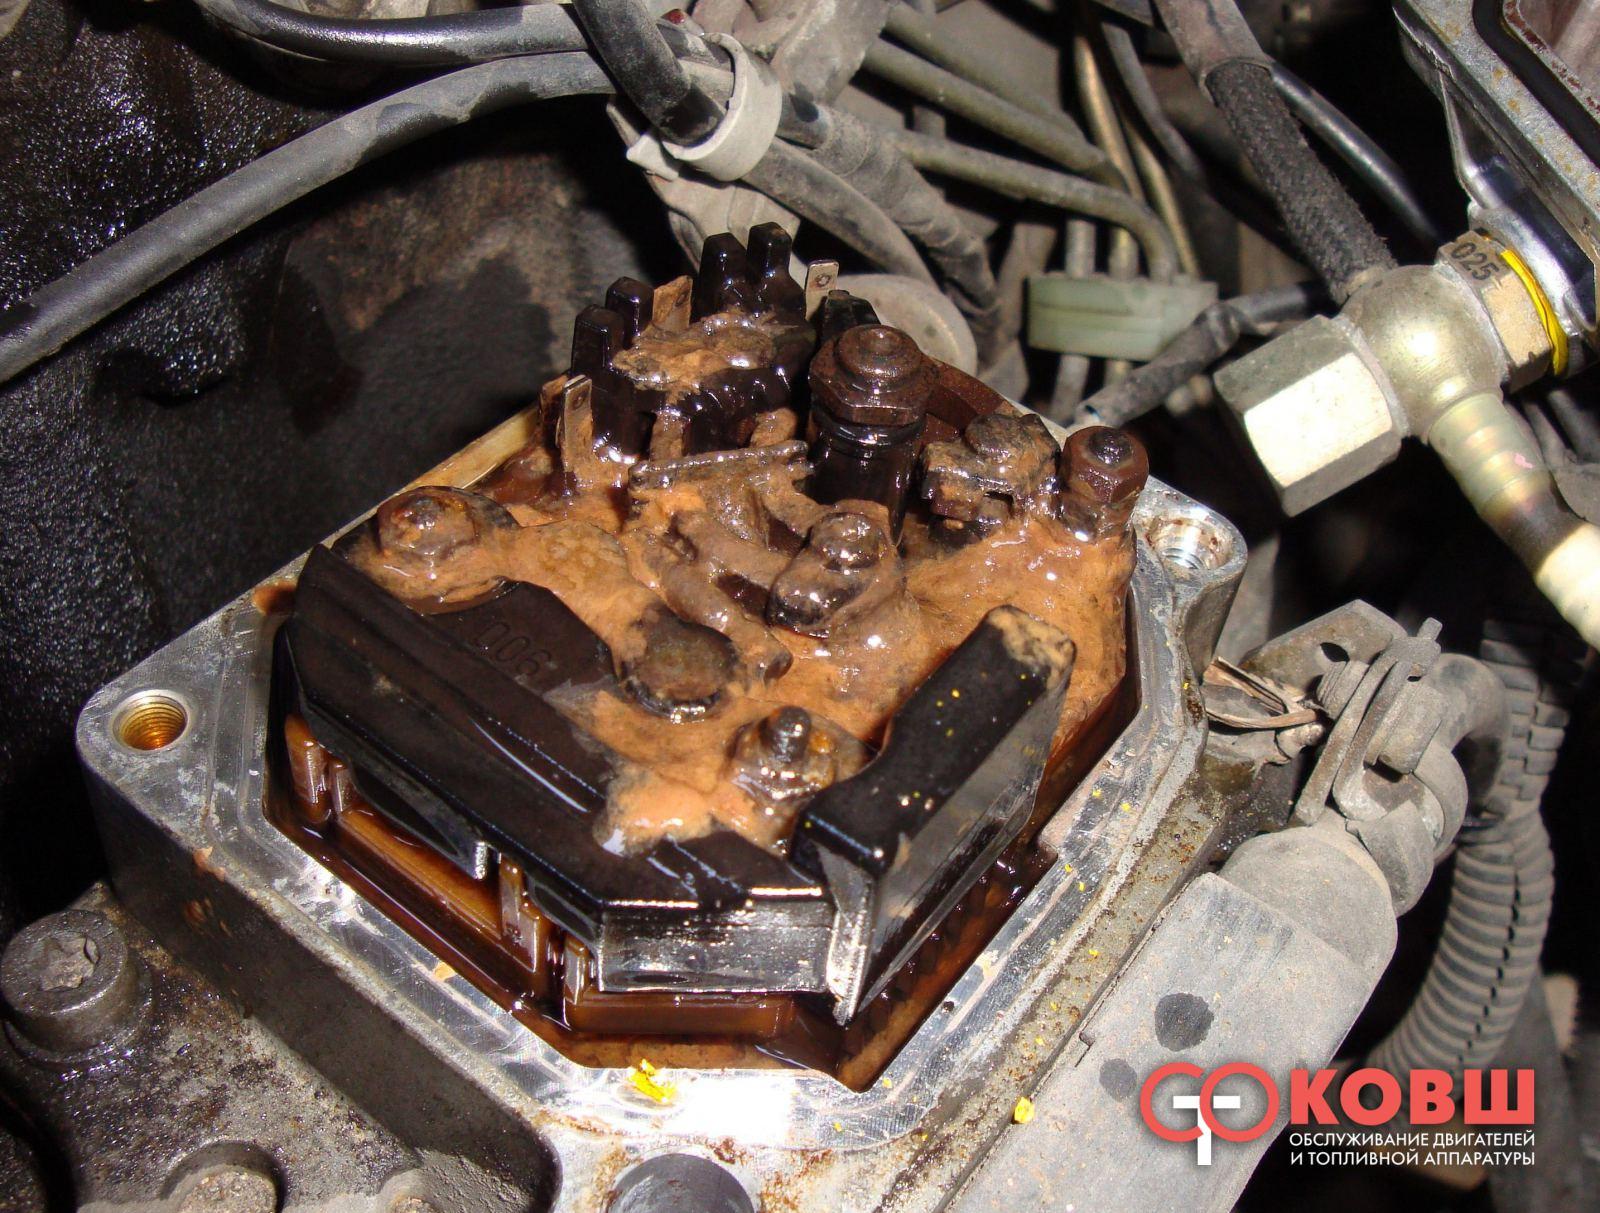 Ремонт двигателя бензинового своими руками 104